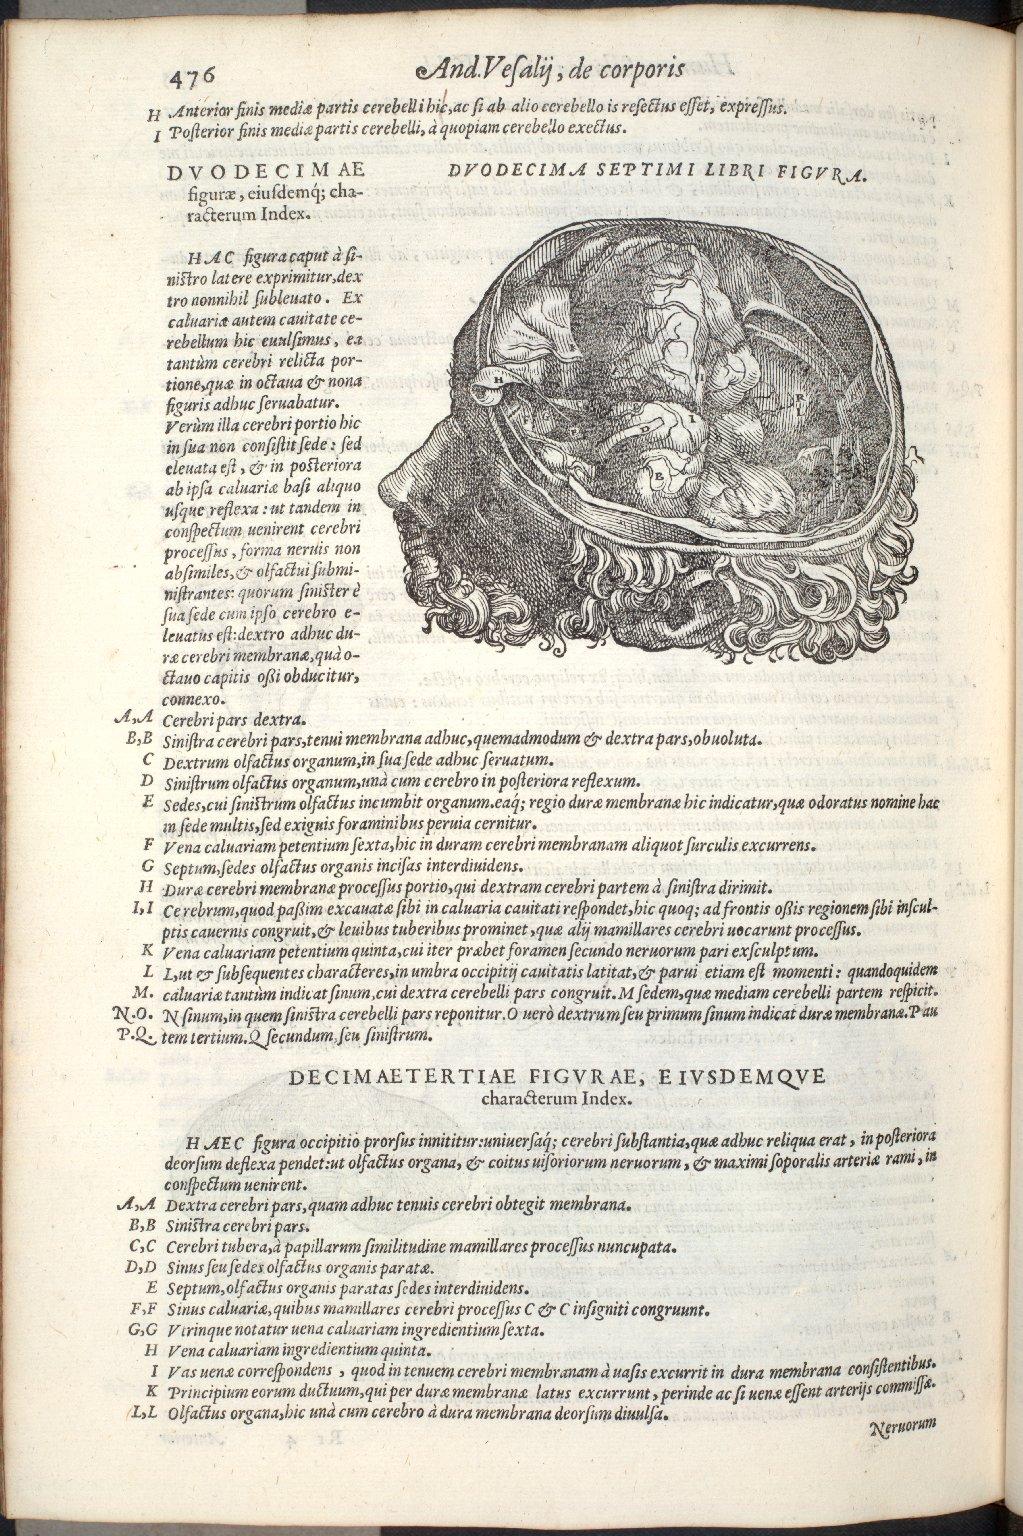 Duodecima Septimi Libri Figura